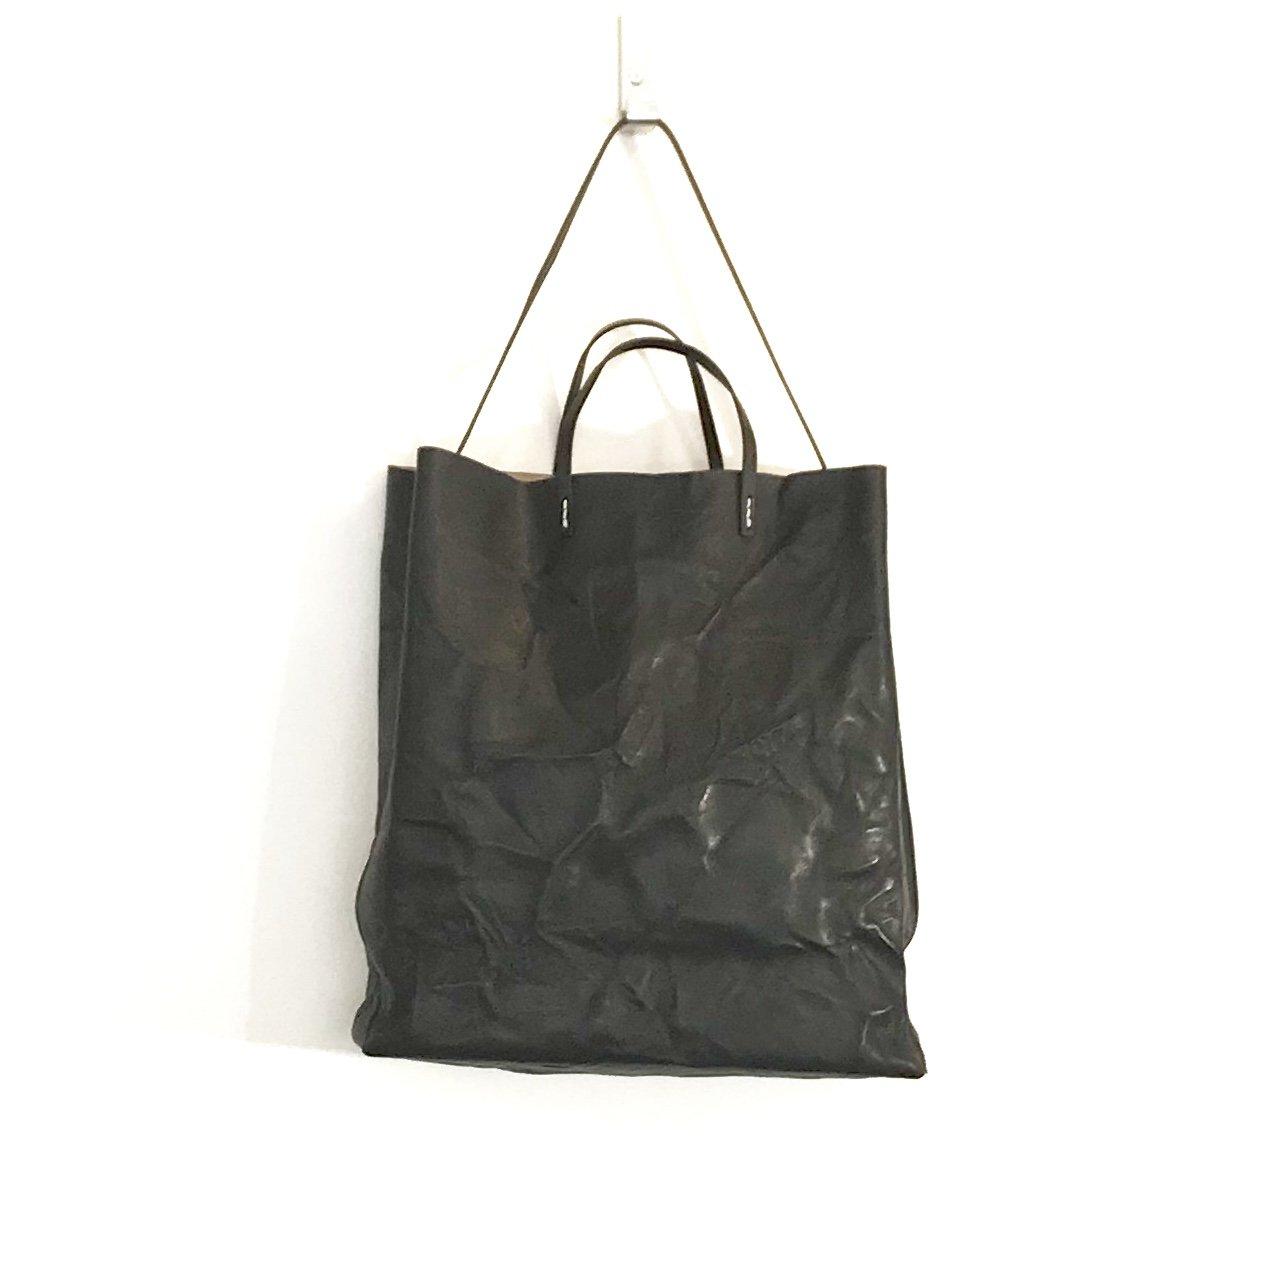 acheter pas cher 3aec4 e6804 Uppdoo Cabas Shopper - Distressed Black